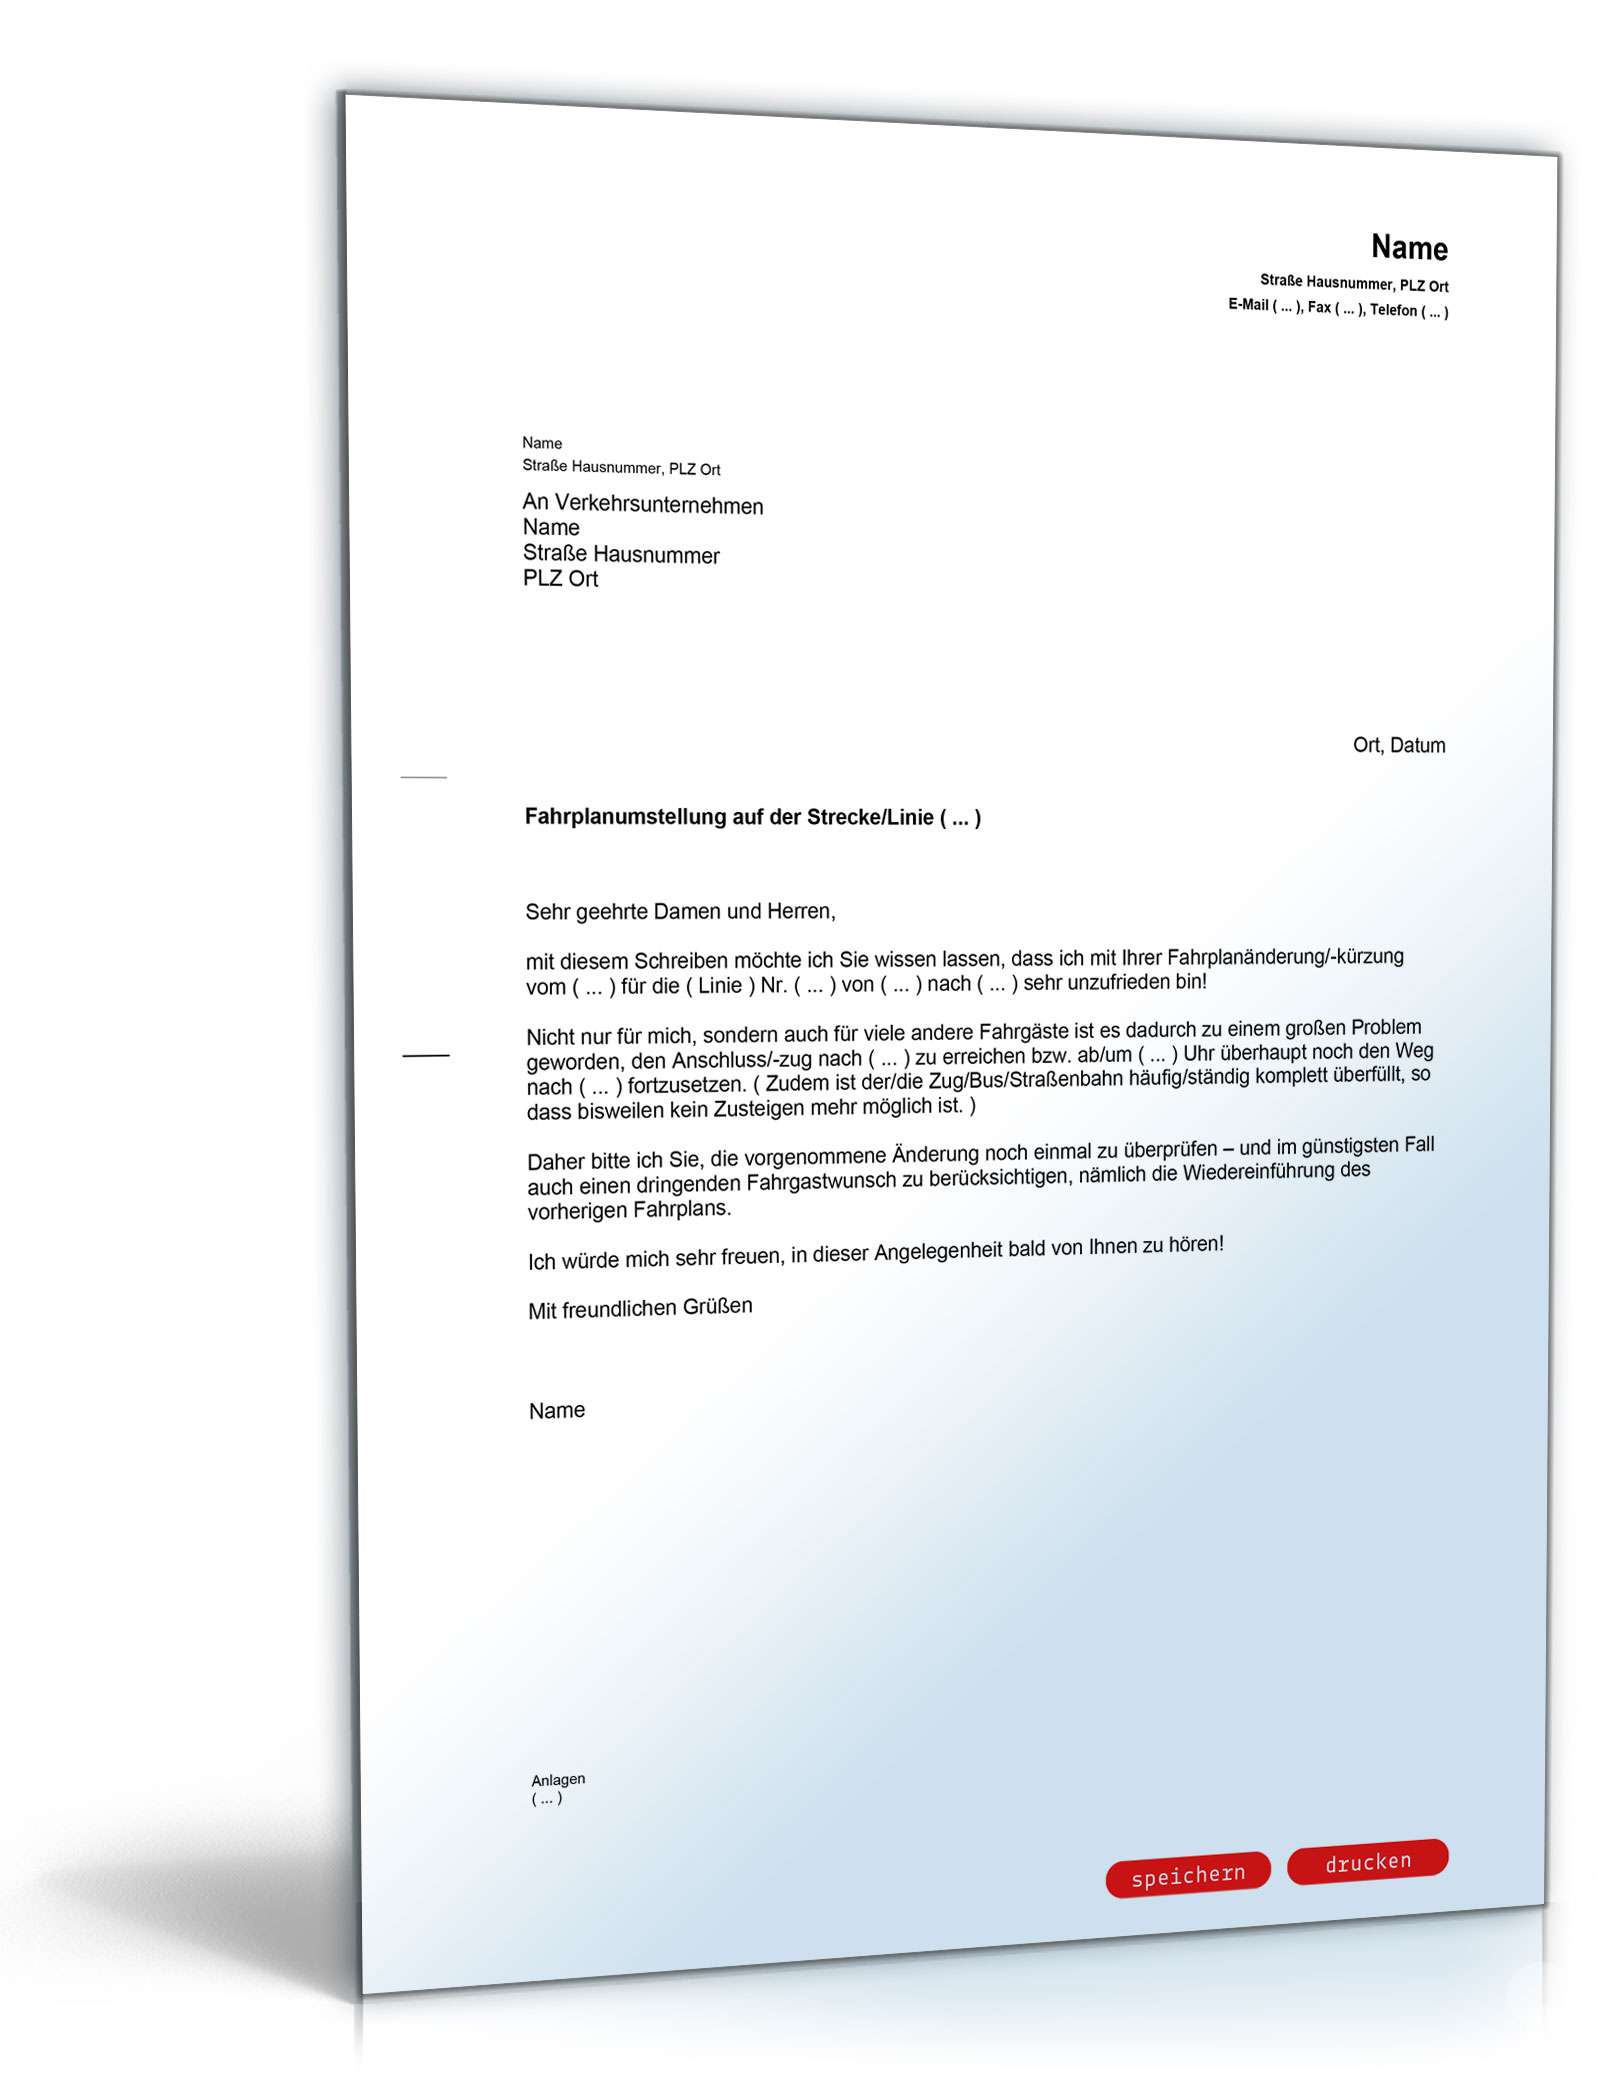 Beschwerde über Fahrplanänderung Muster Vorlage Zum Download